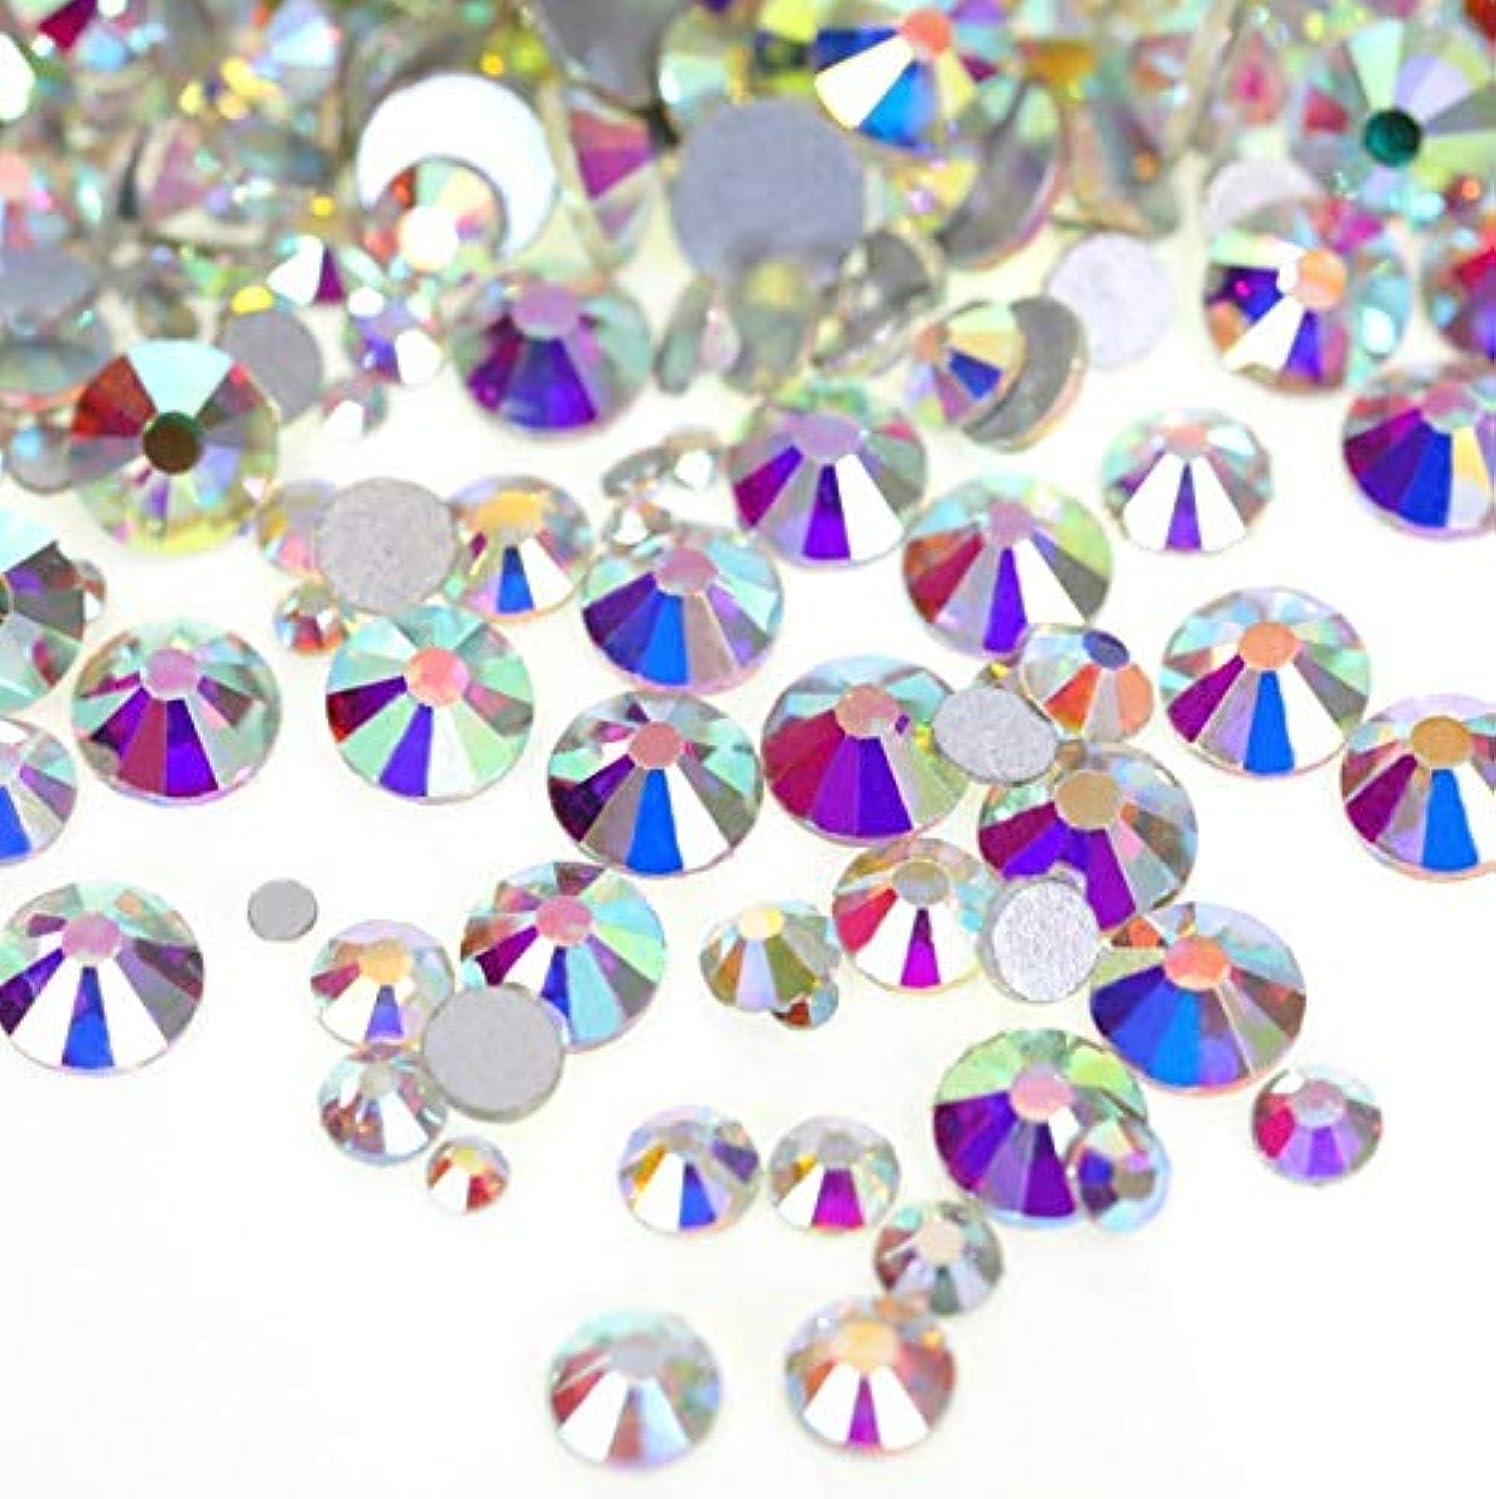 広告主端教育学【ラインストーン77】高品質ガラス製ラインストーン オーロラクリスタル(3.0mm (SS12) 約200粒)